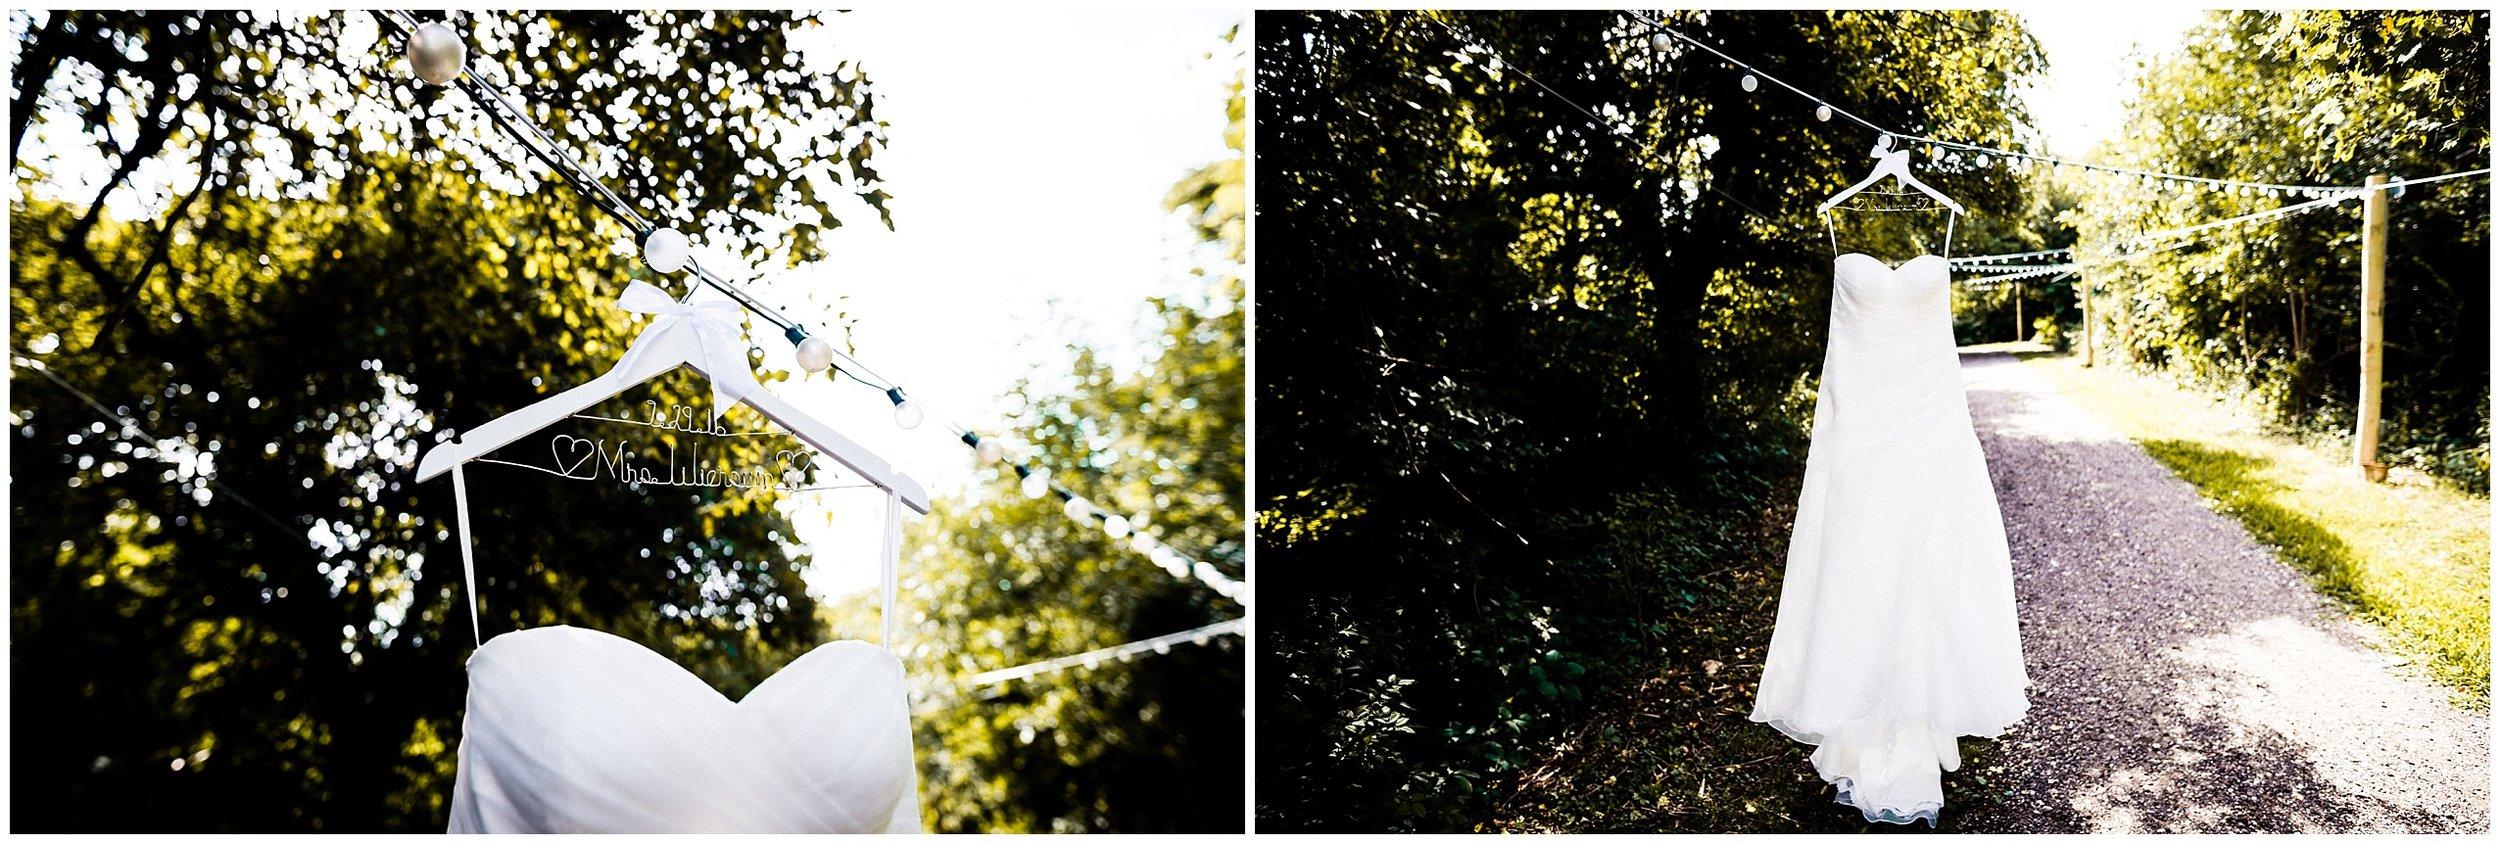 Nate + Rachel | Just Married  #kyleepaigephotography_0600.jpg